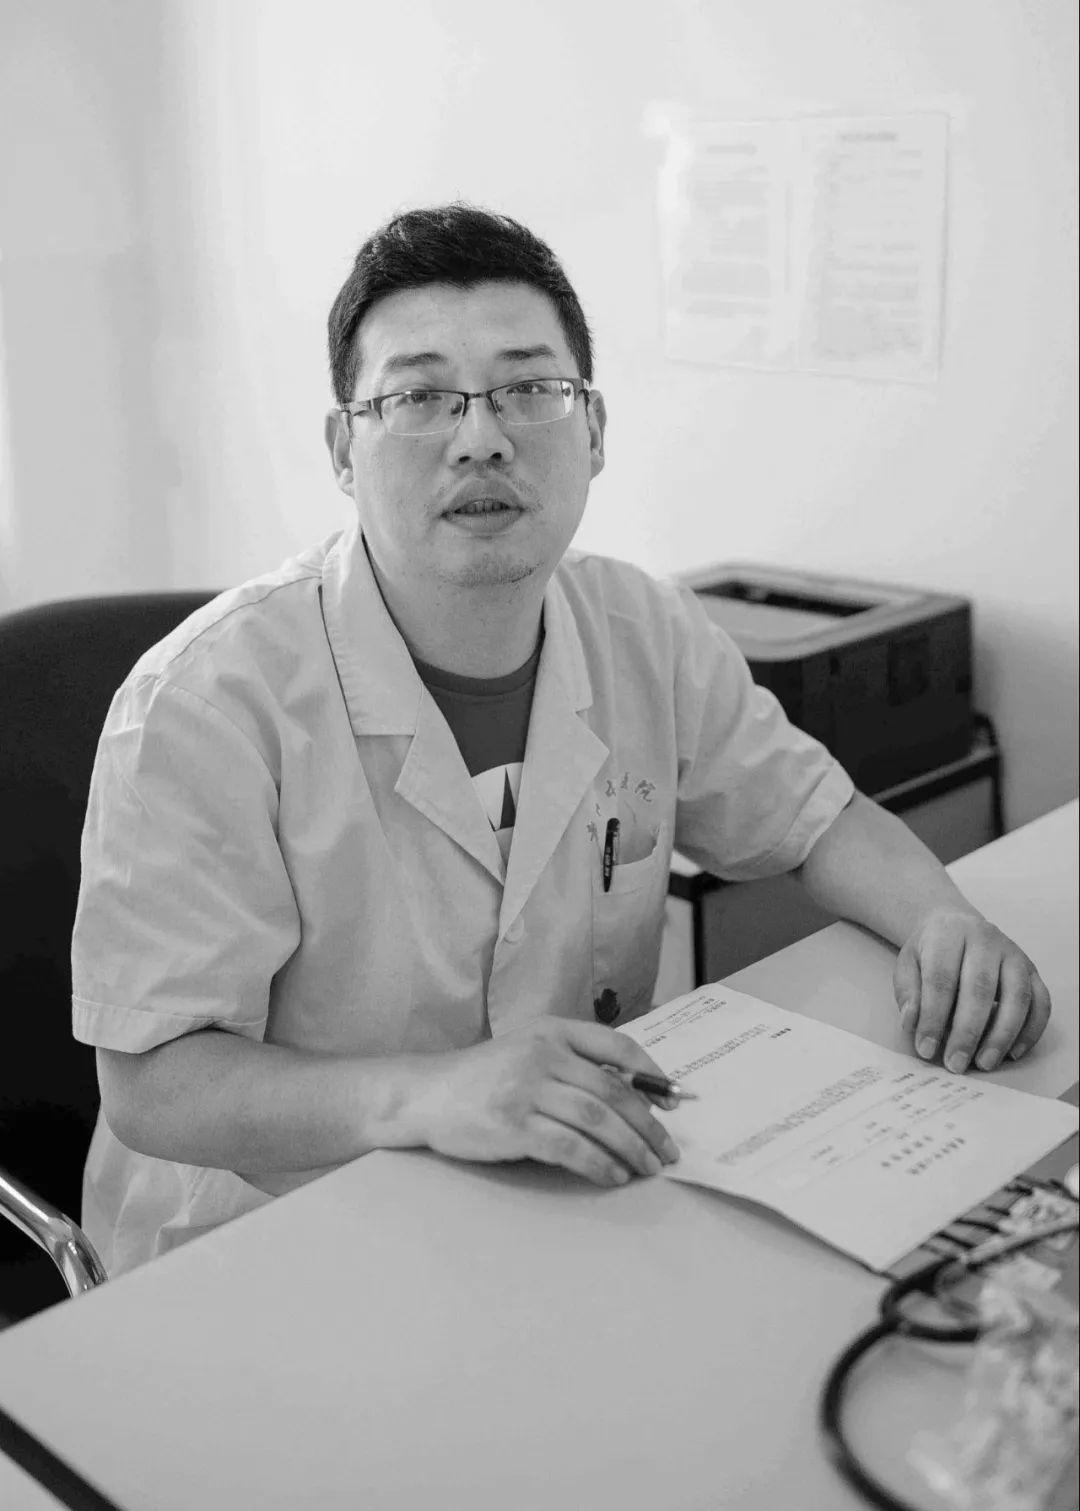 孝感医生黄文军生前的朋友圈:有咖啡、有猫、有冬日暖阳